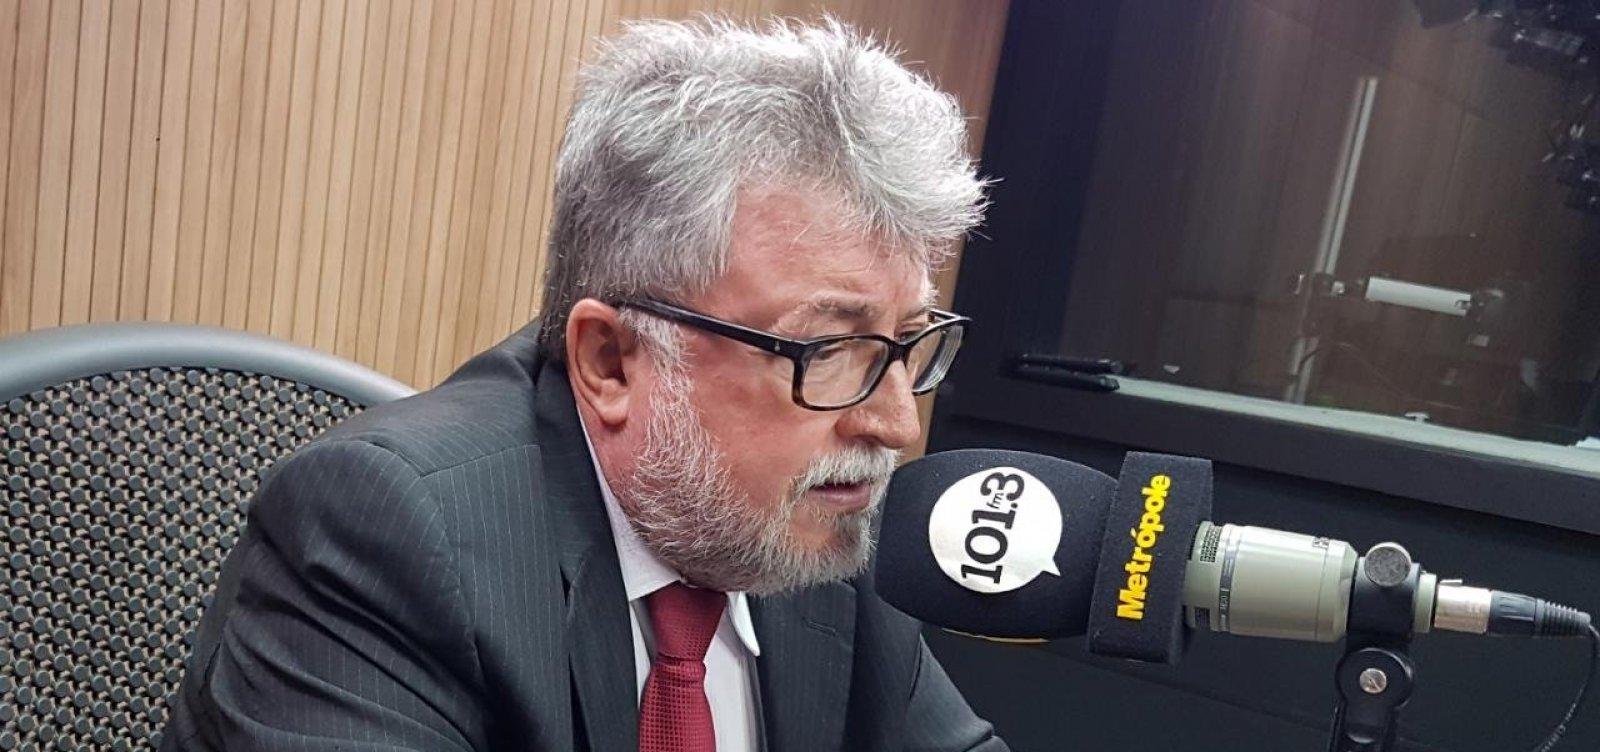 [Secretário de Meio Ambiente critica demora da União na investigação de manchas de óleo]